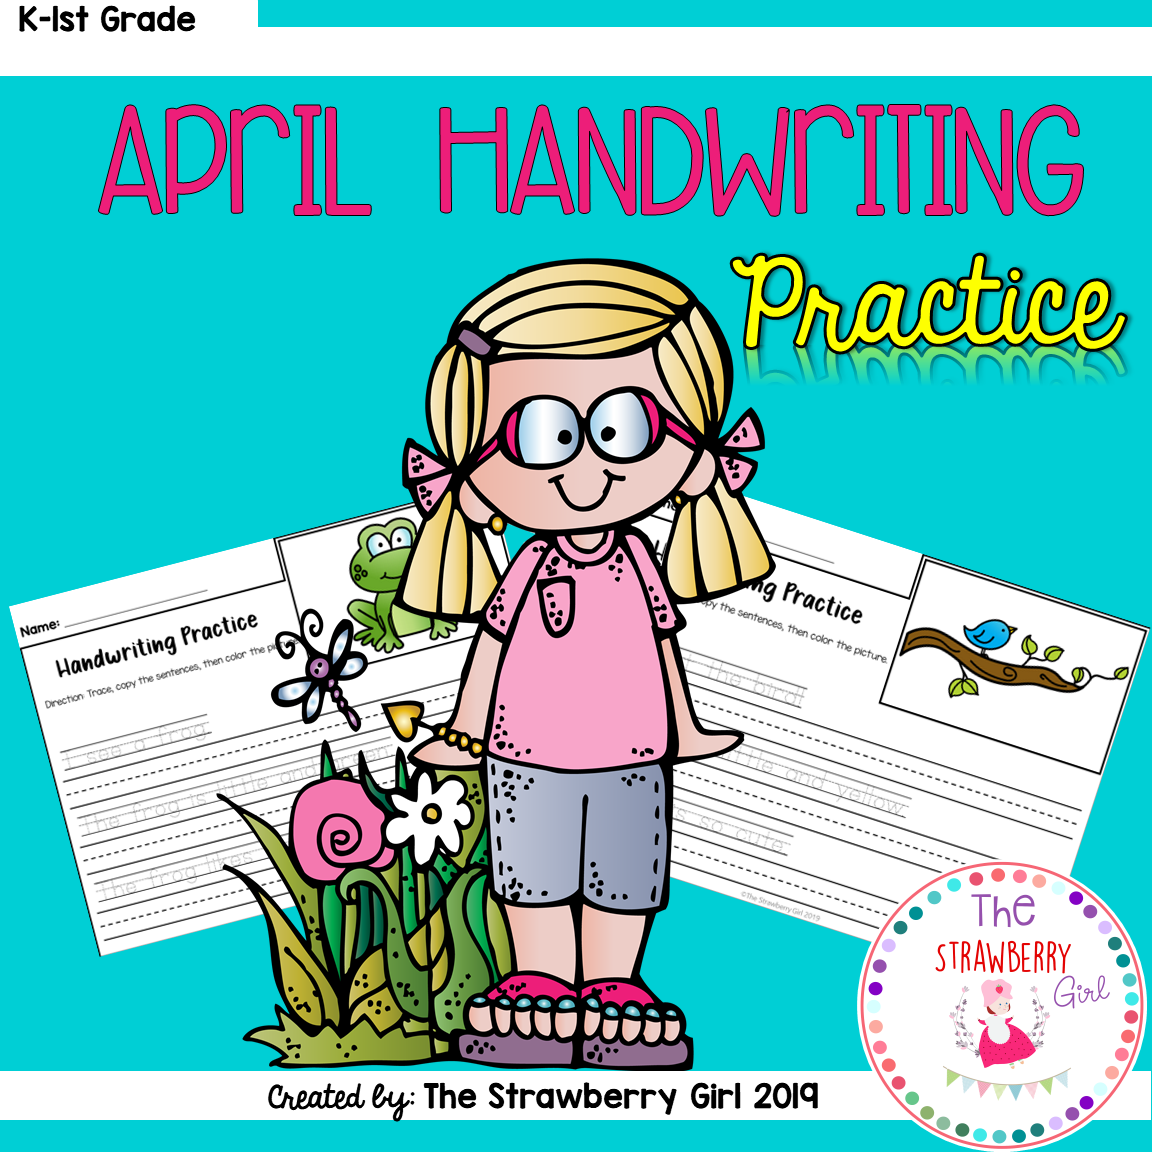 April Handwriting Practice